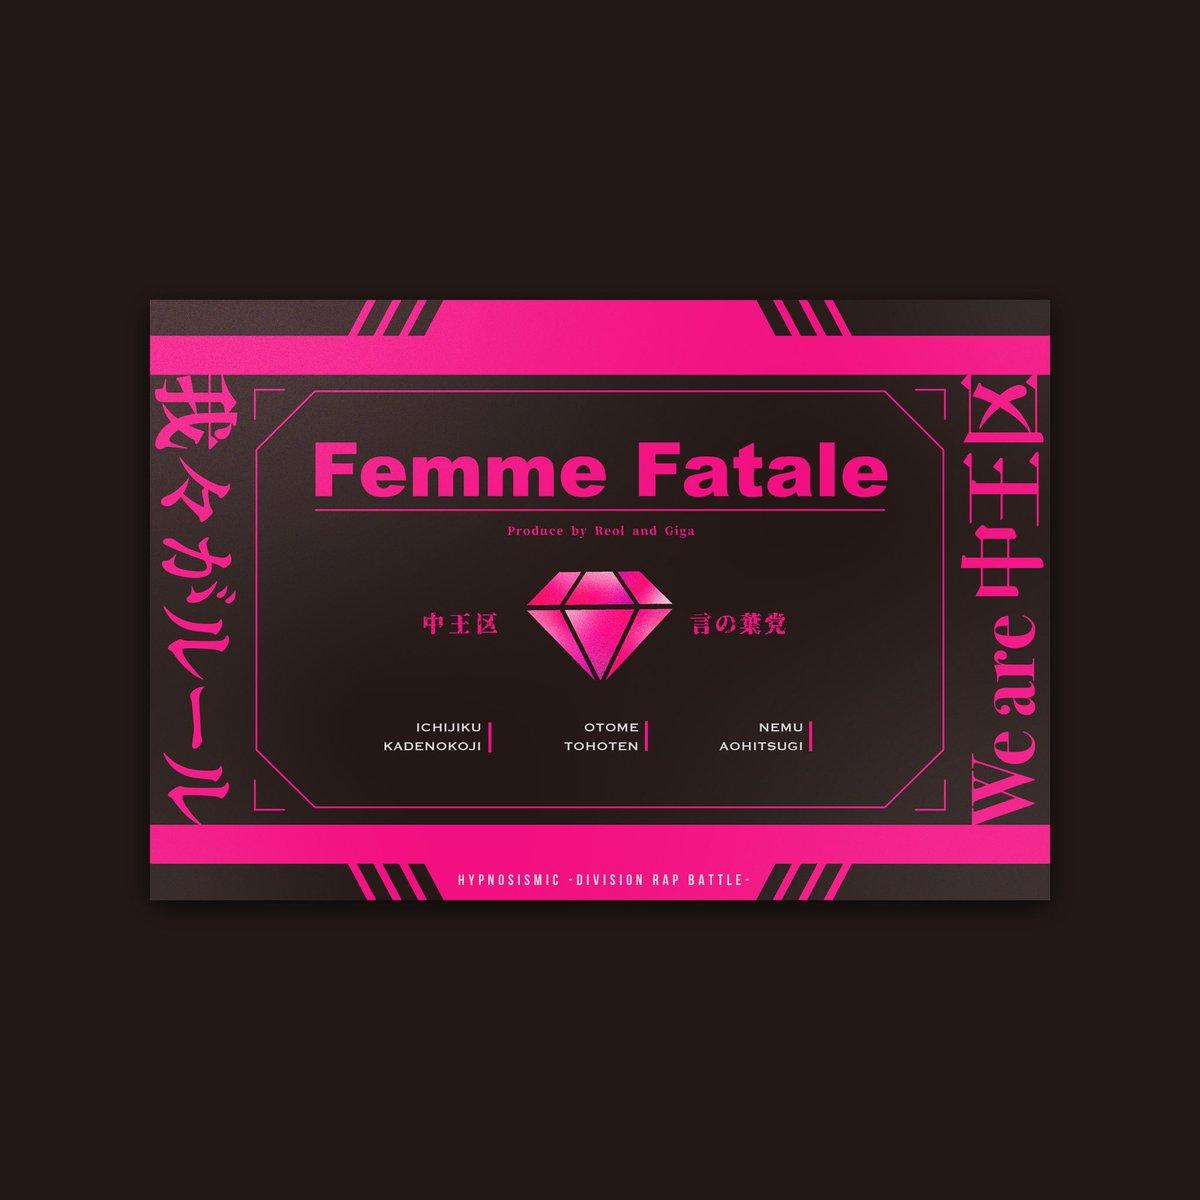 Femme fatale フル 言の葉 党